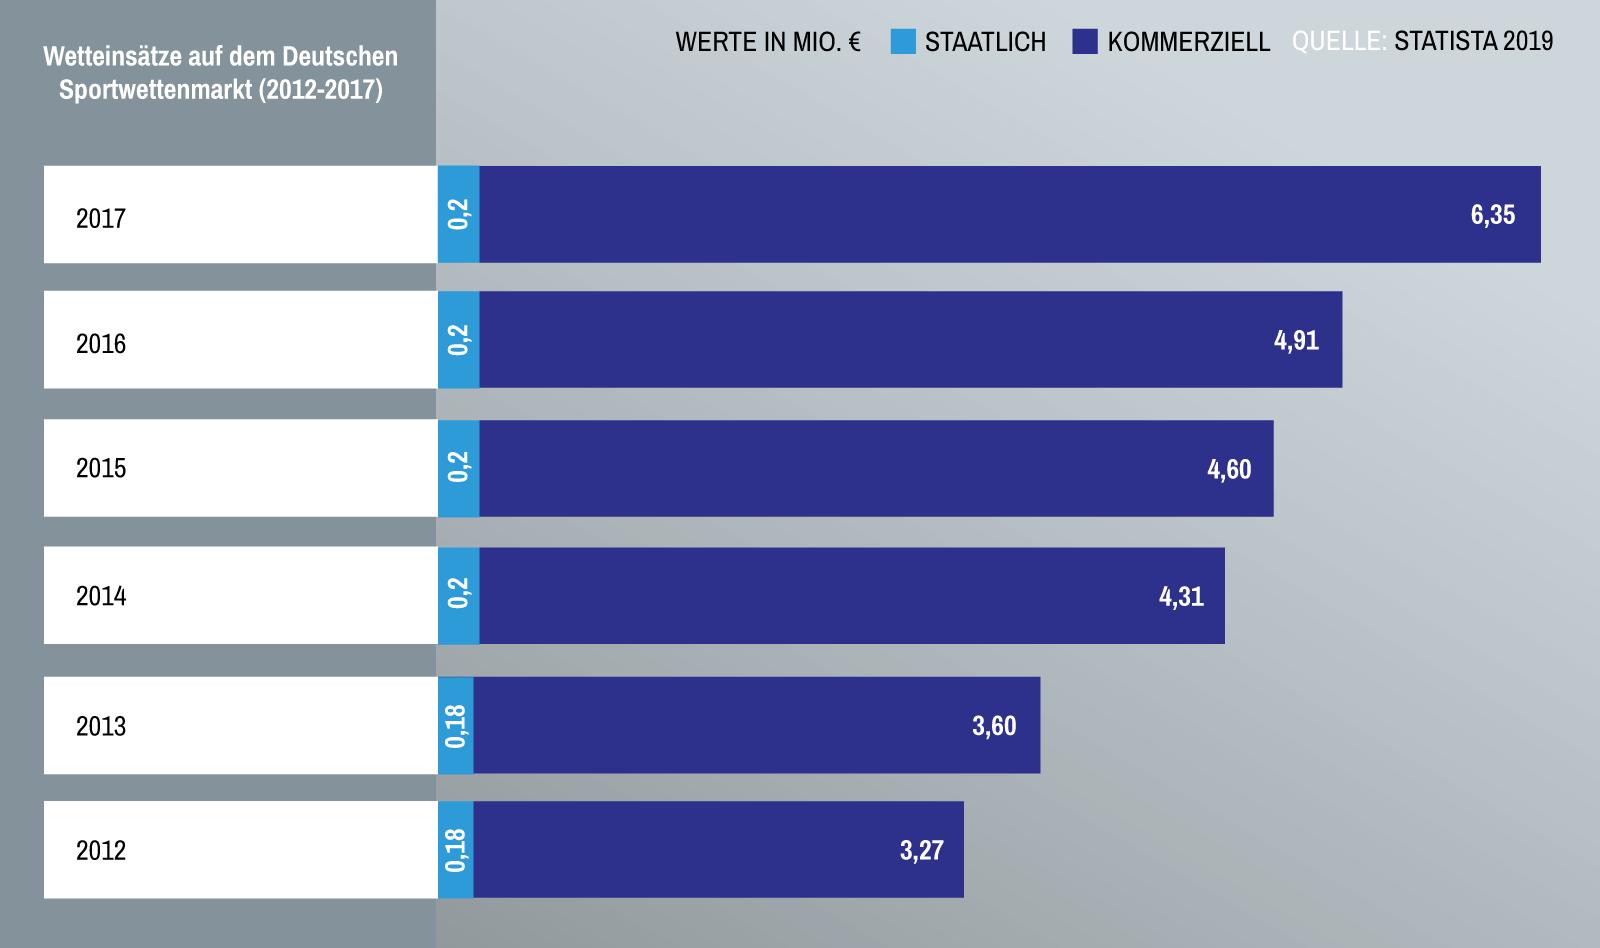 hight resolution of wetteins tze in deutschland